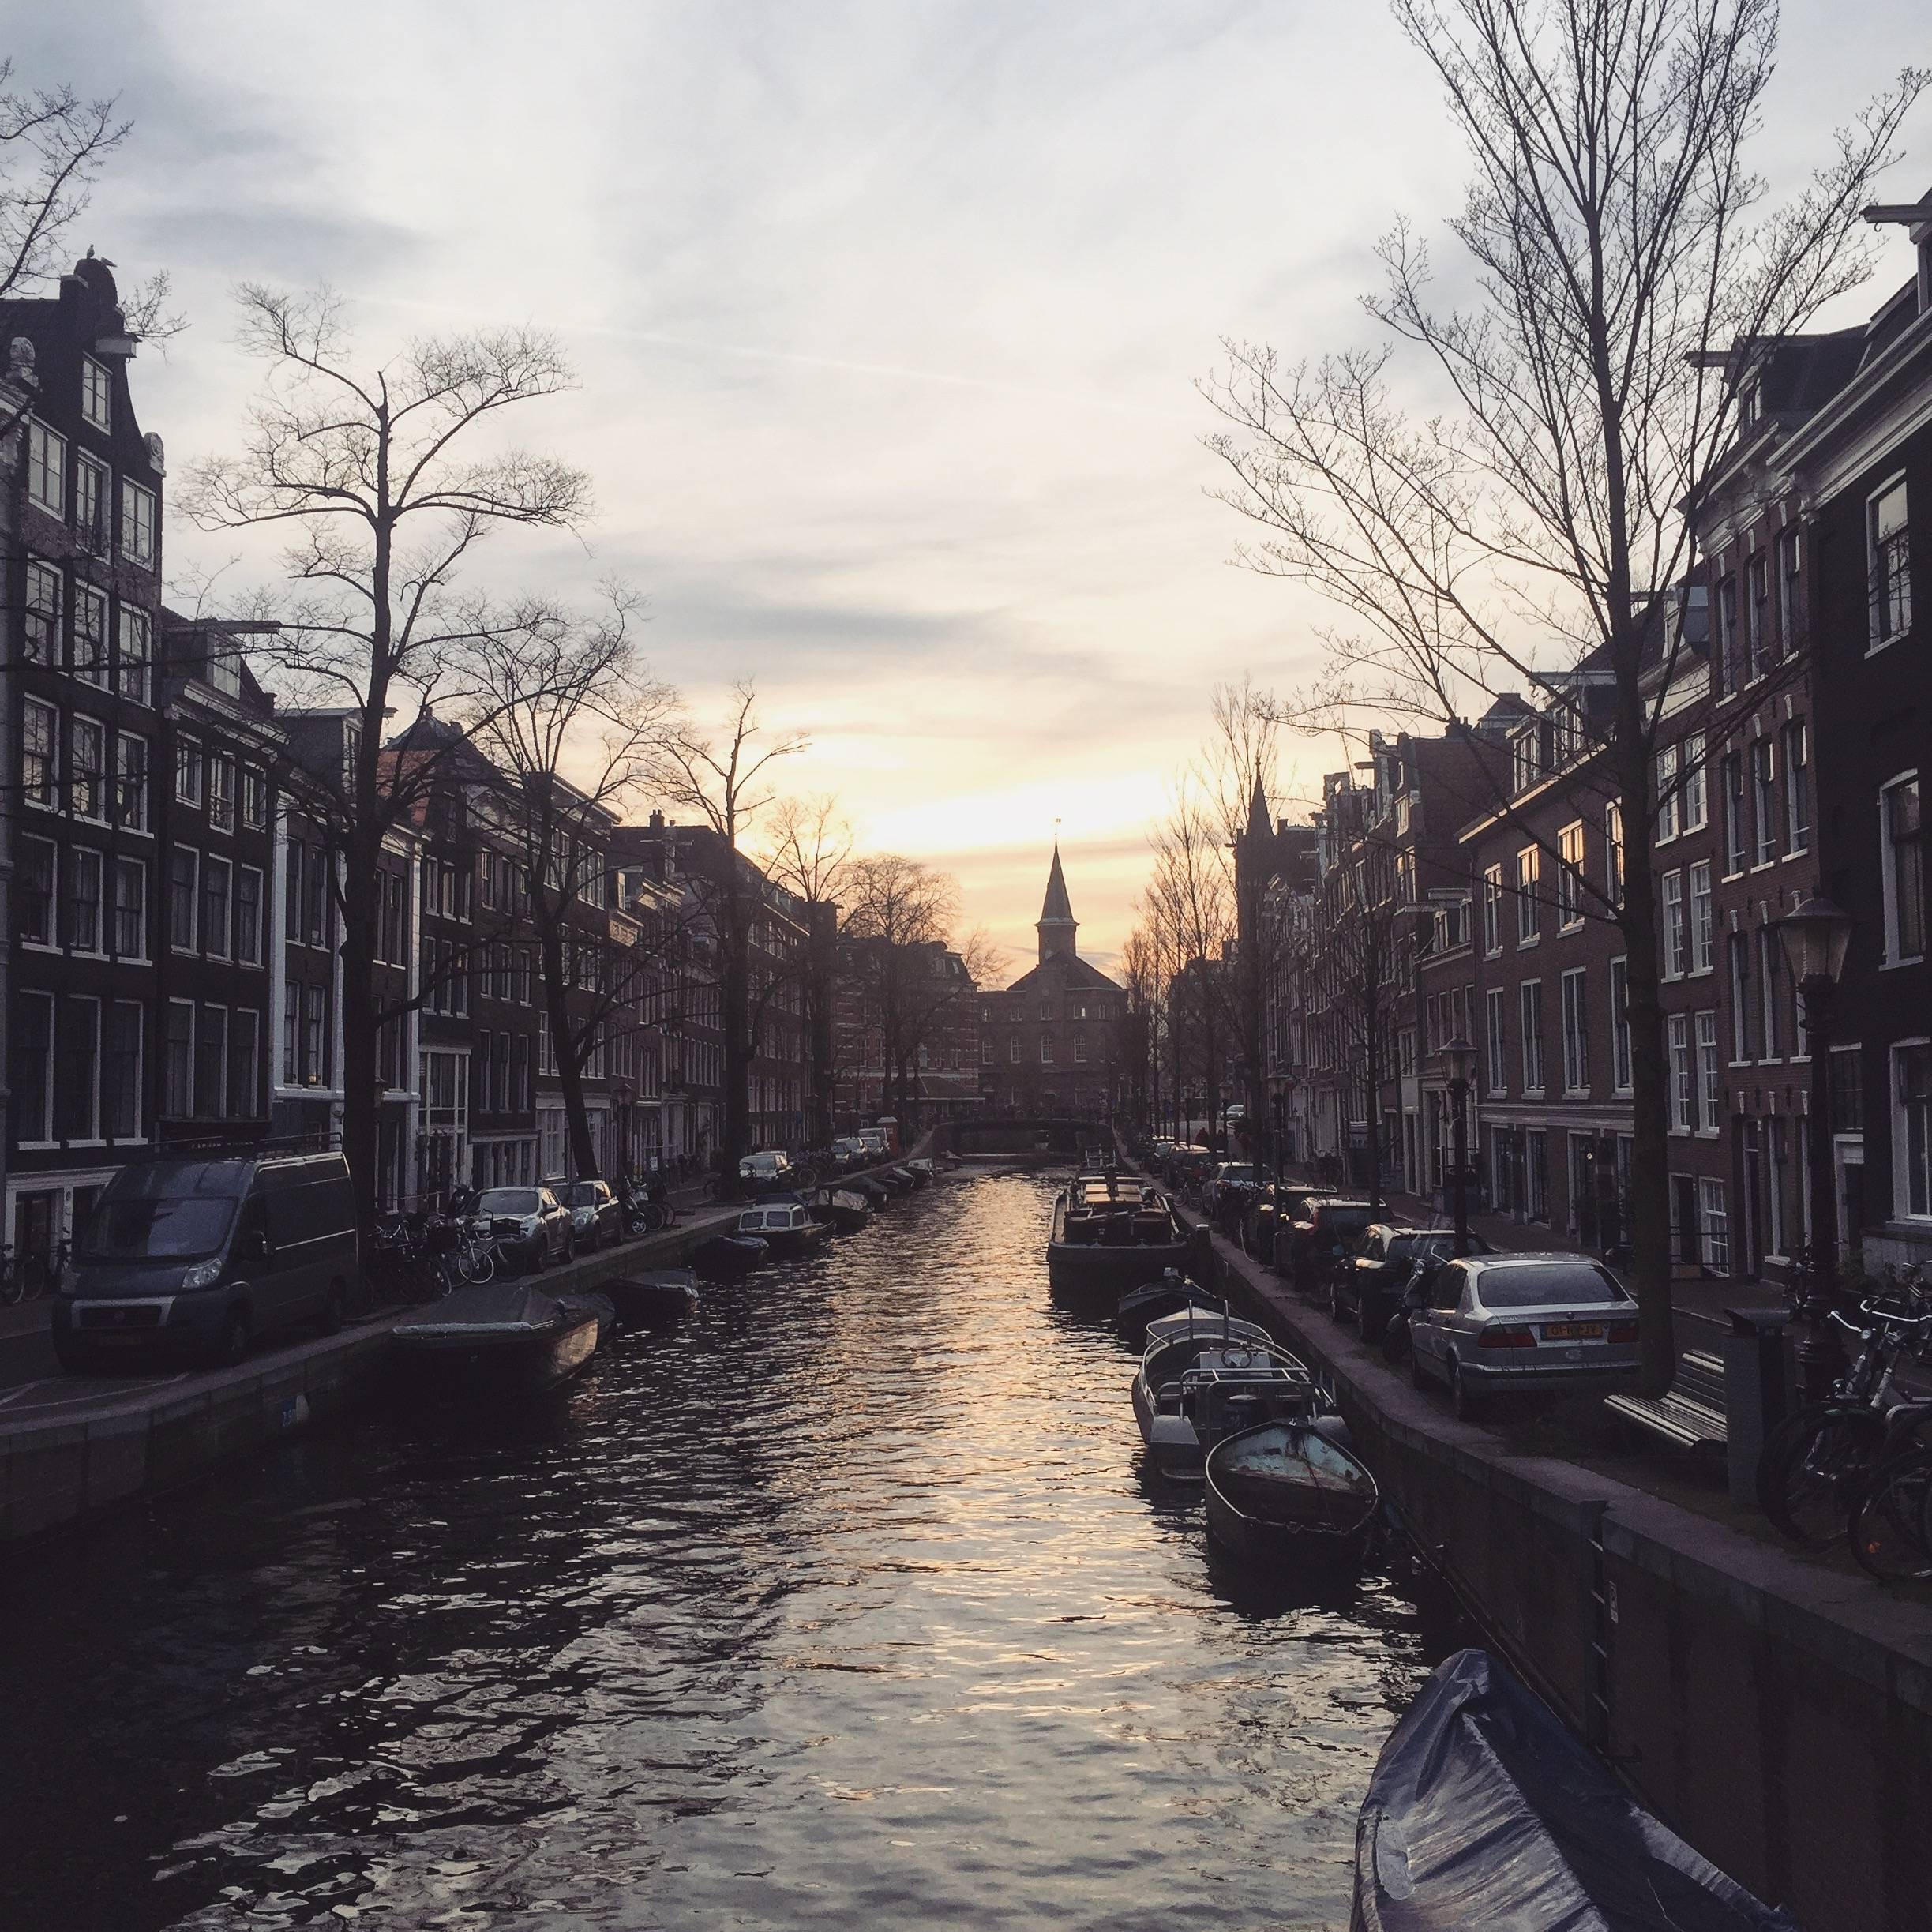 Photo 1: Se perdre dans les rues d'Amsterdam